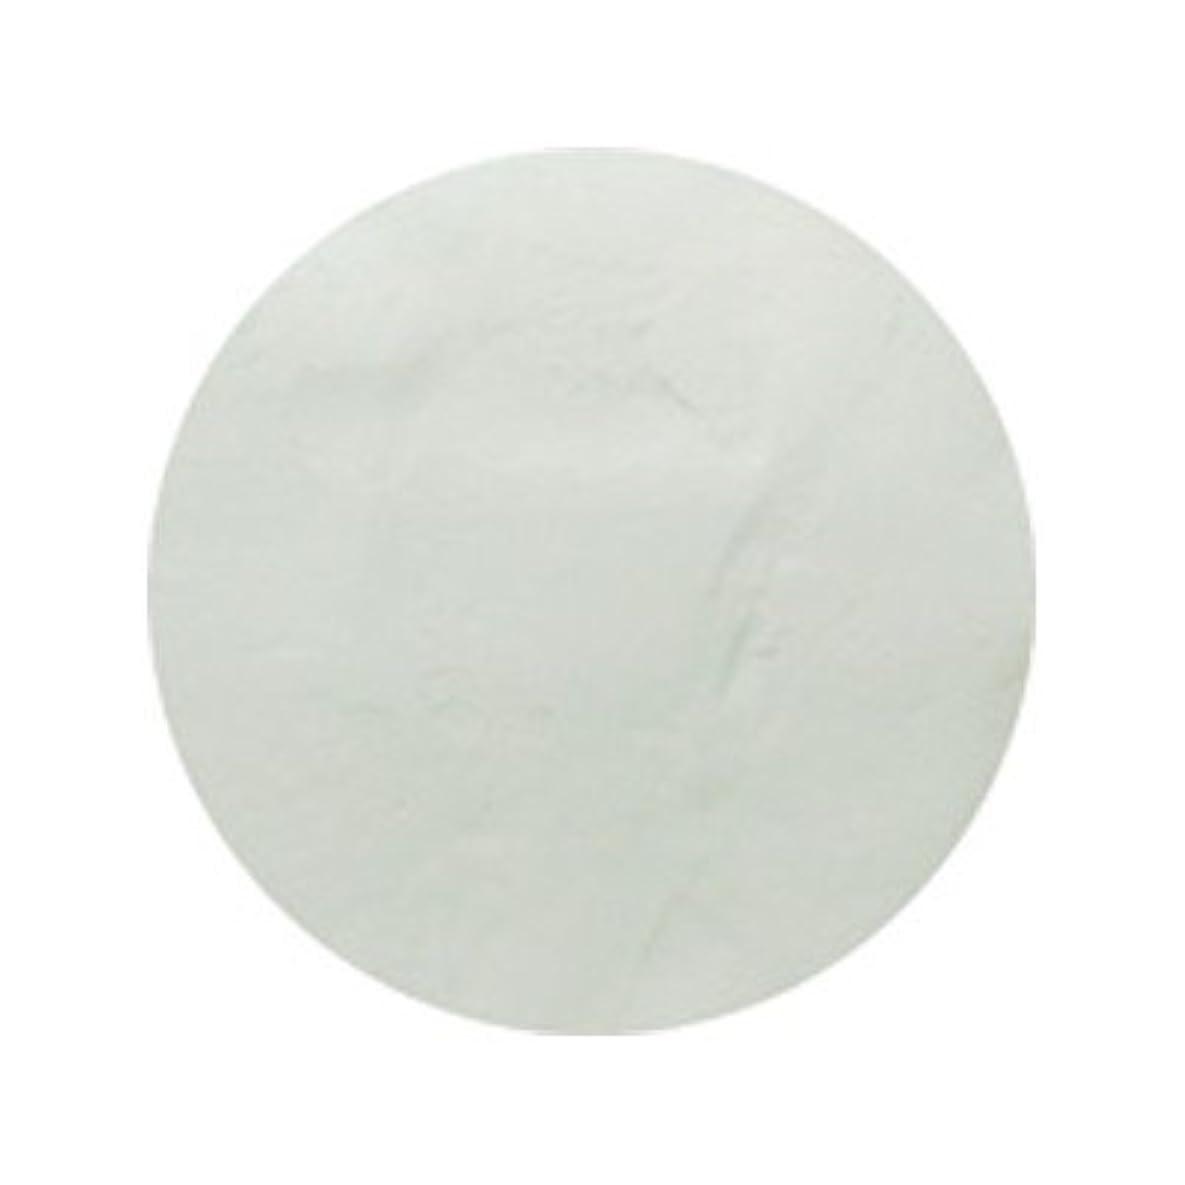 有益な安全な麦芽ピカエース #700 着色顔料 スノーホワイト